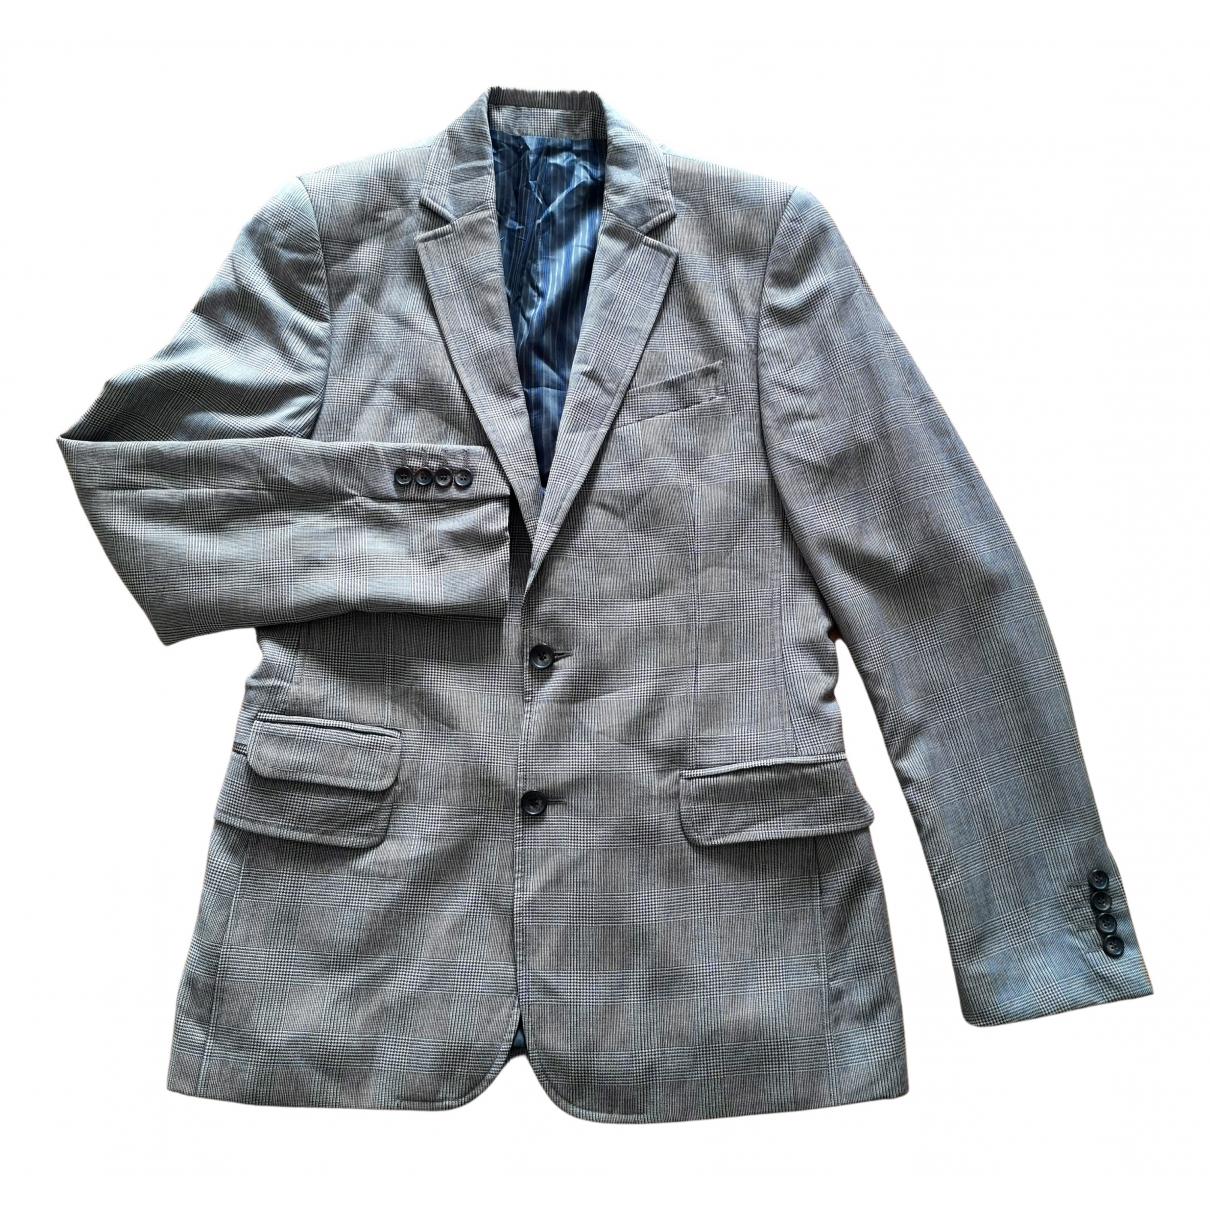 D&g - Vestes.Blousons   pour homme en laine - gris